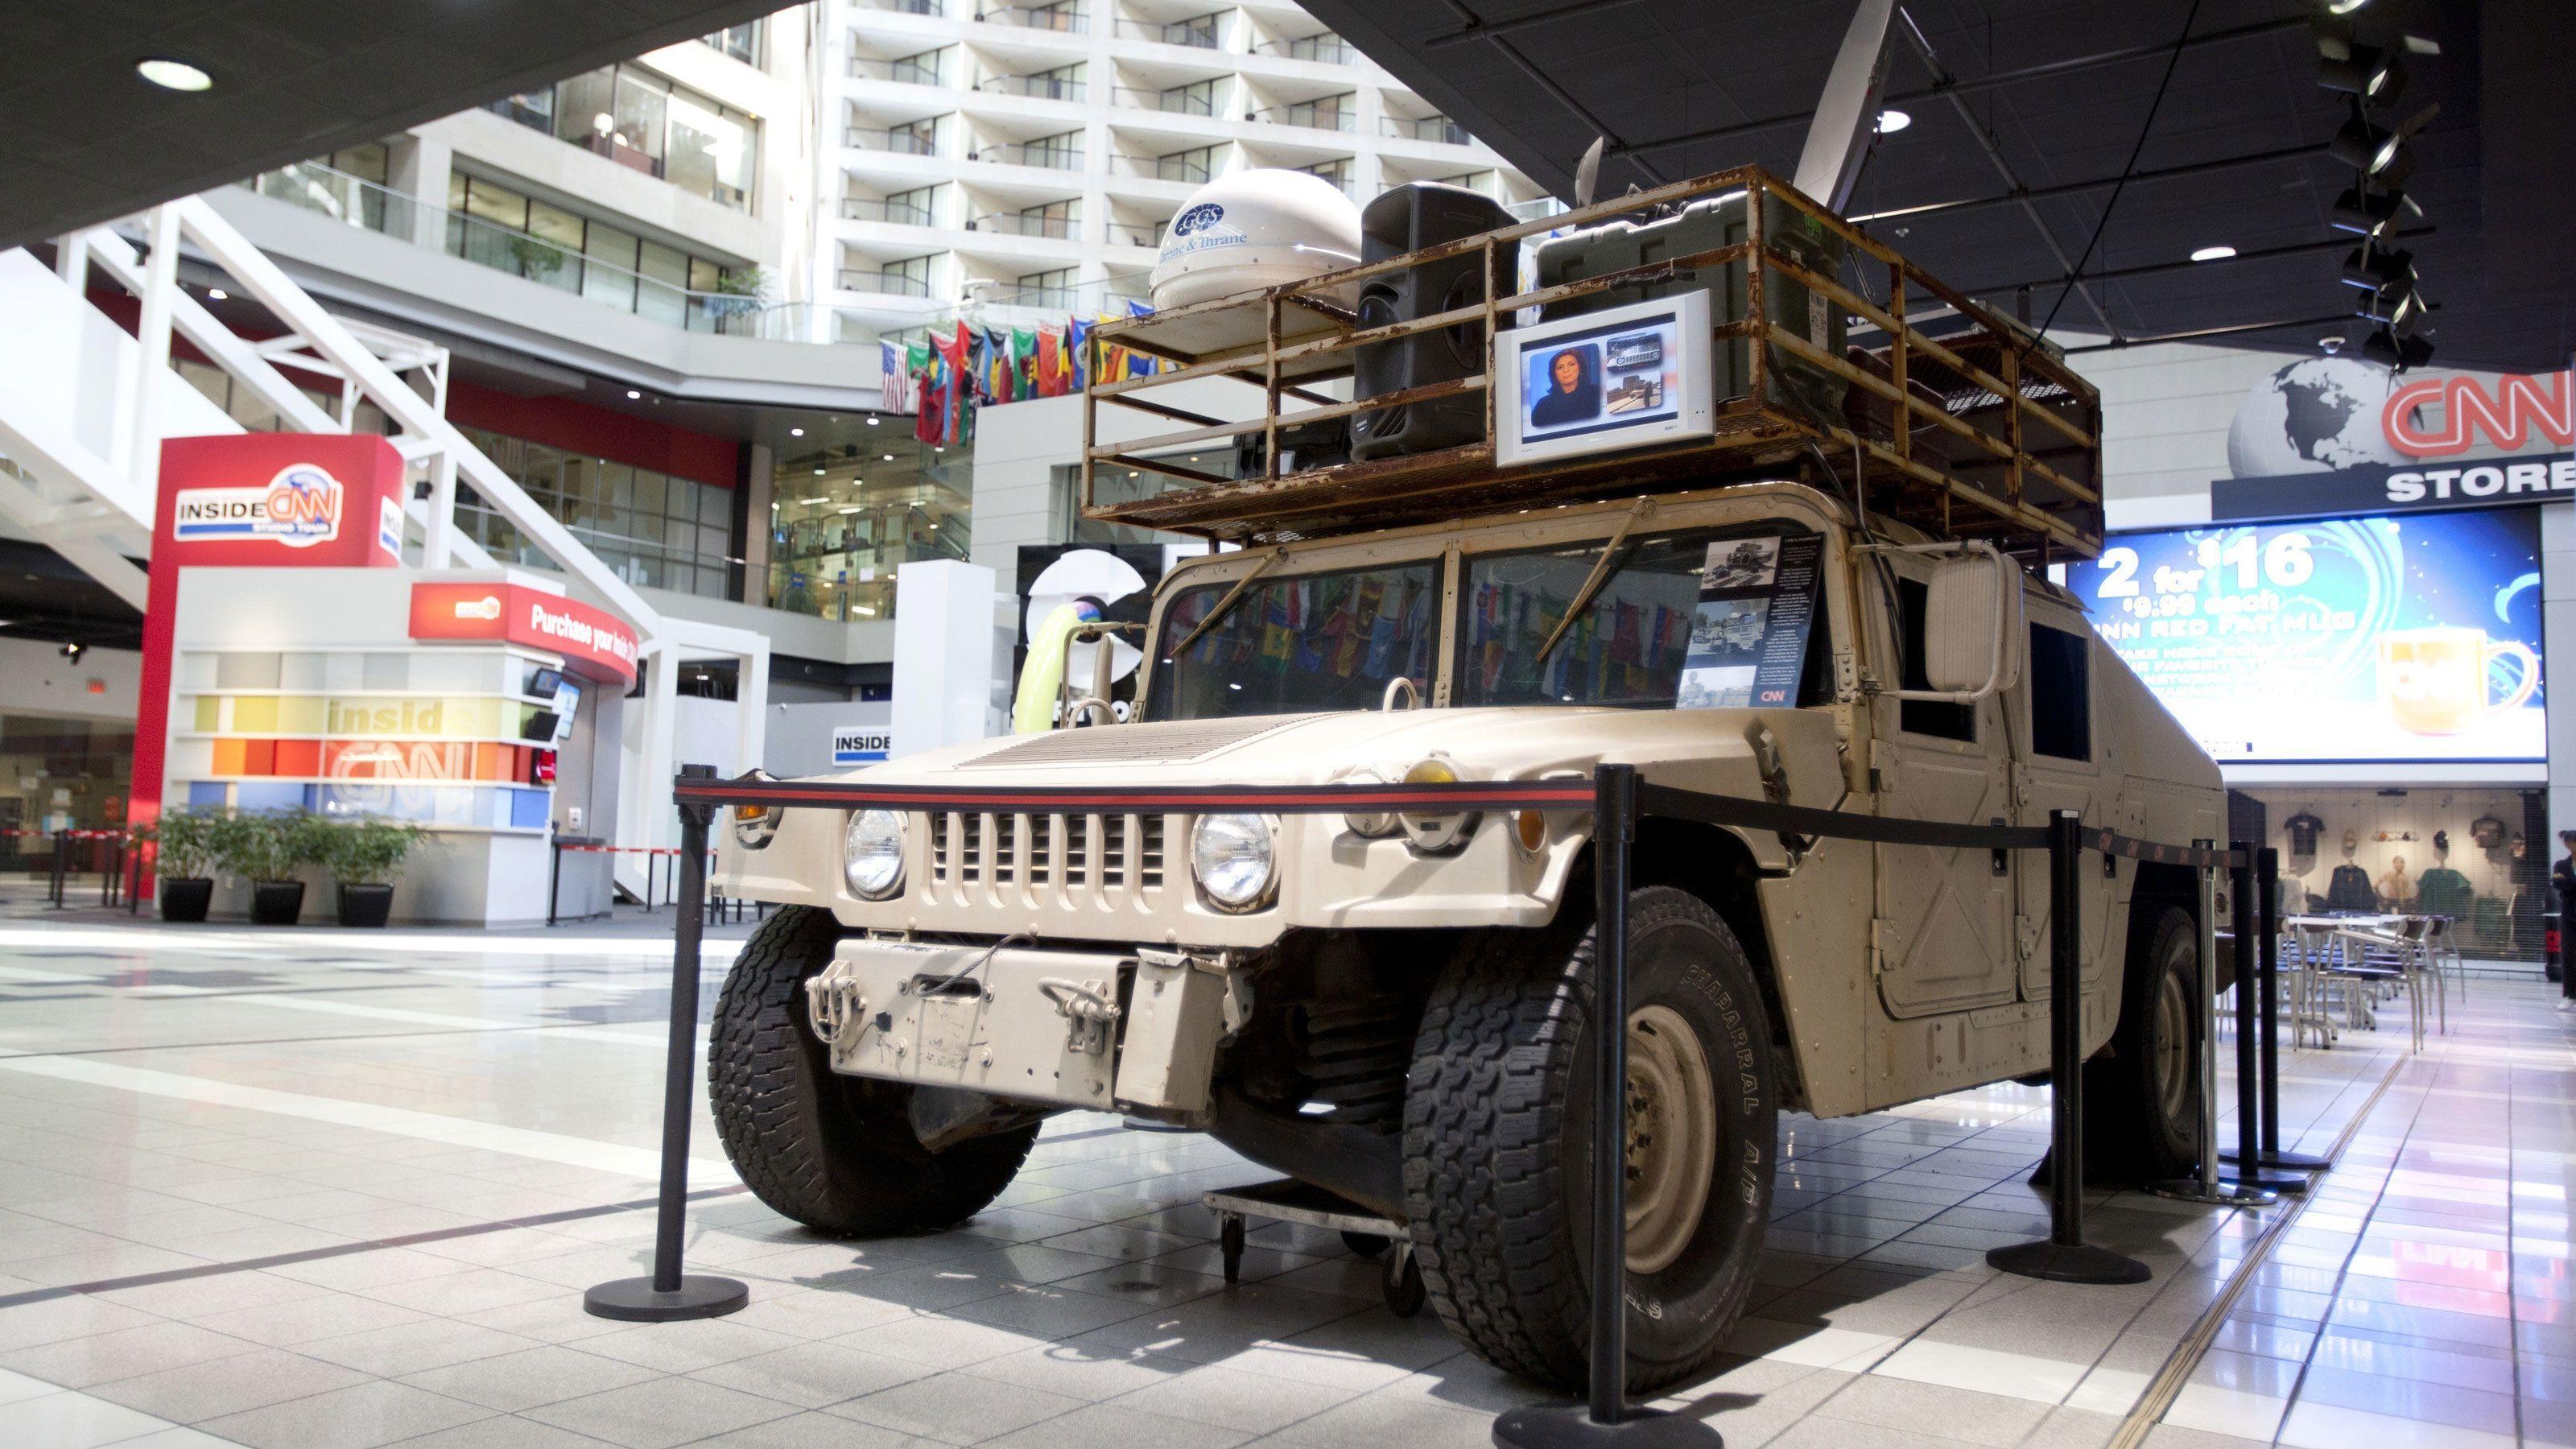 Humvee CNN news vehicle